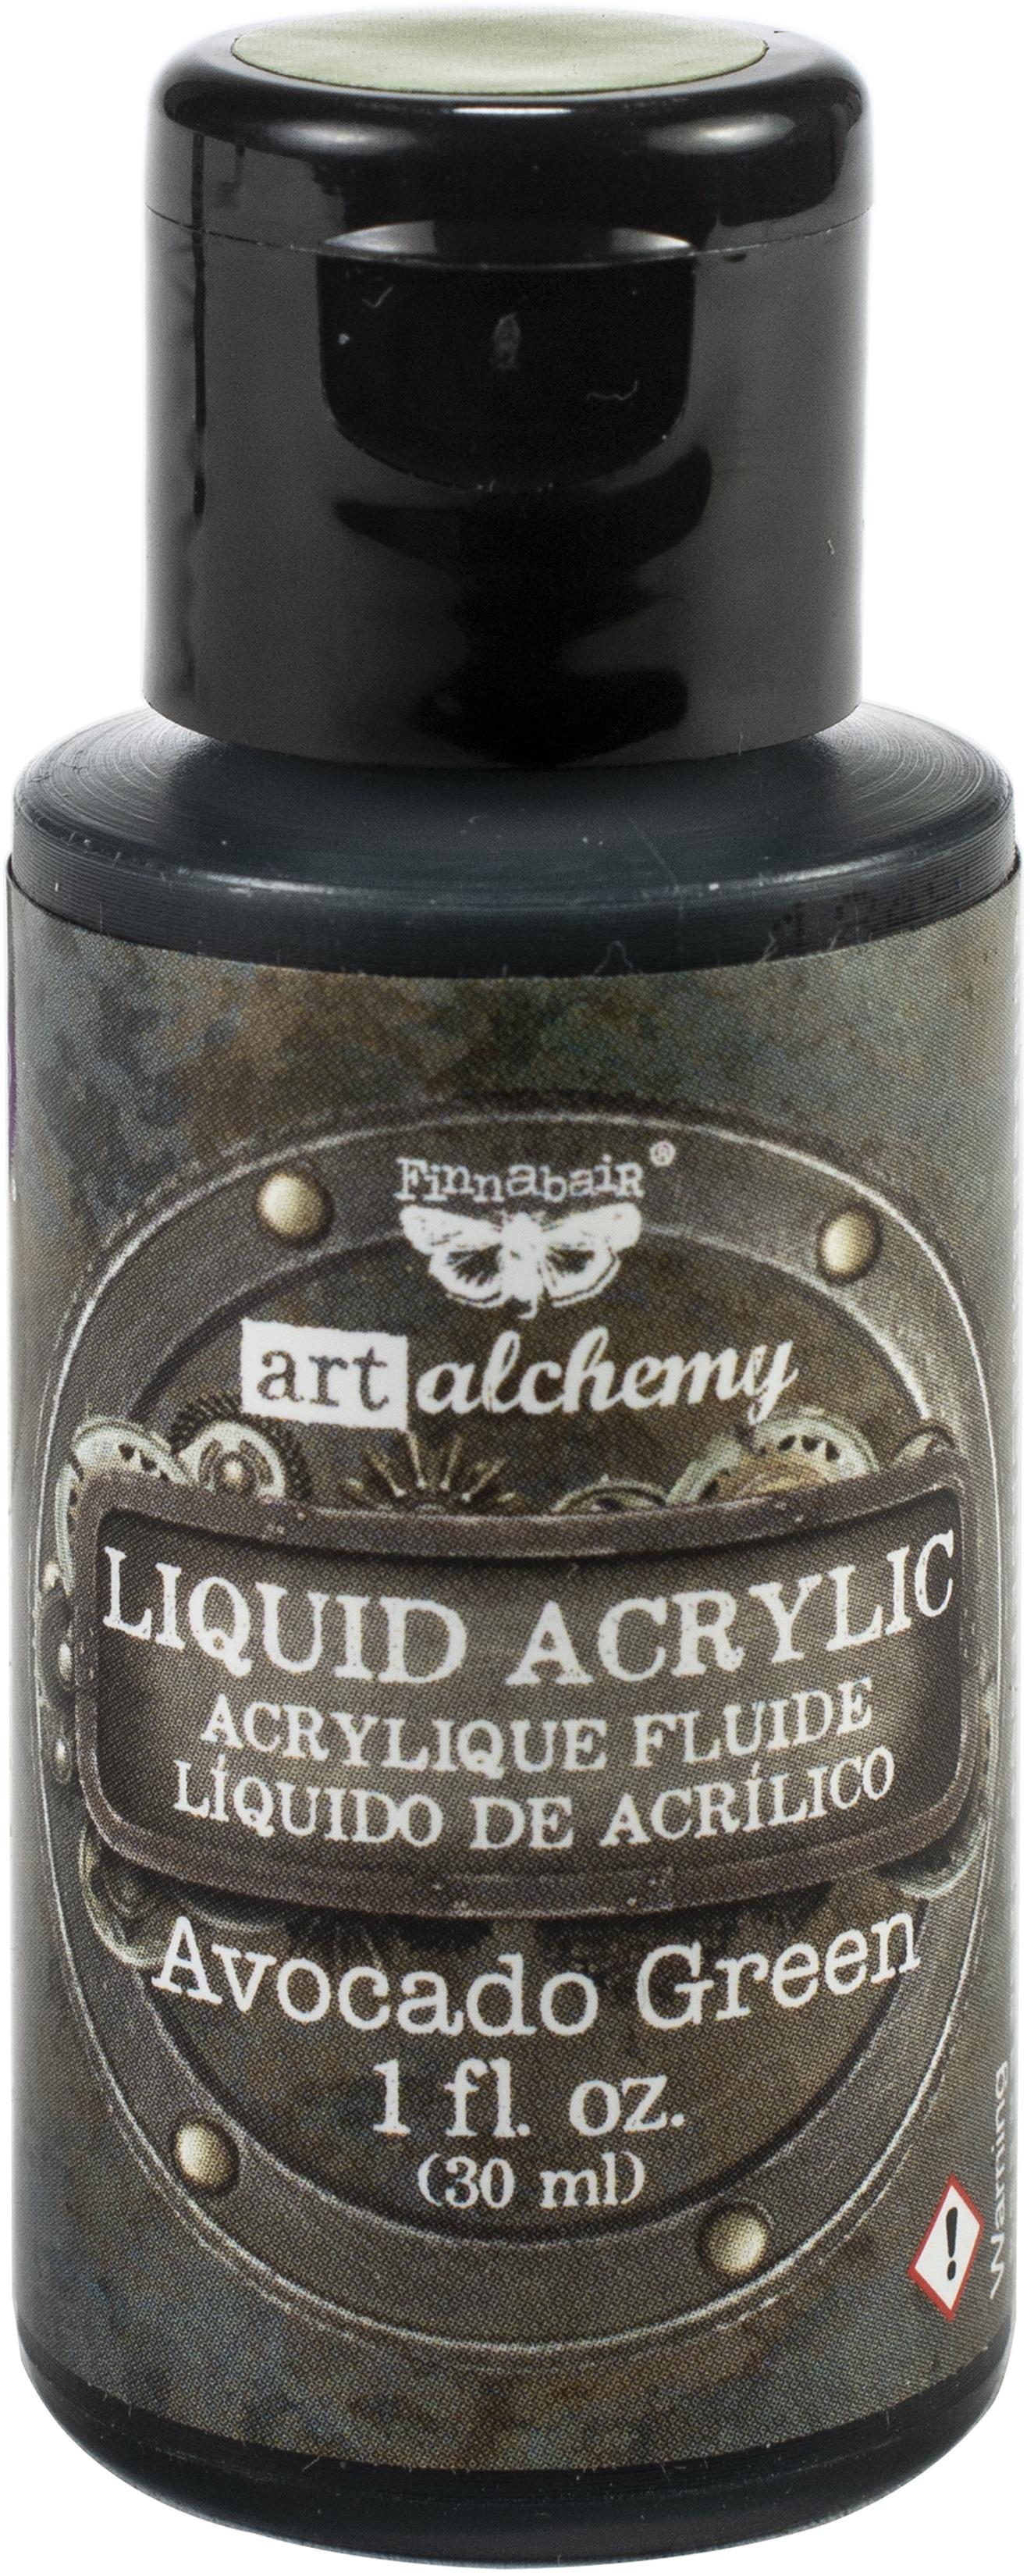 Finnabair Art Alchemy Liquid Acrylic Paint 1 Fluid Ounce-Avocado Green